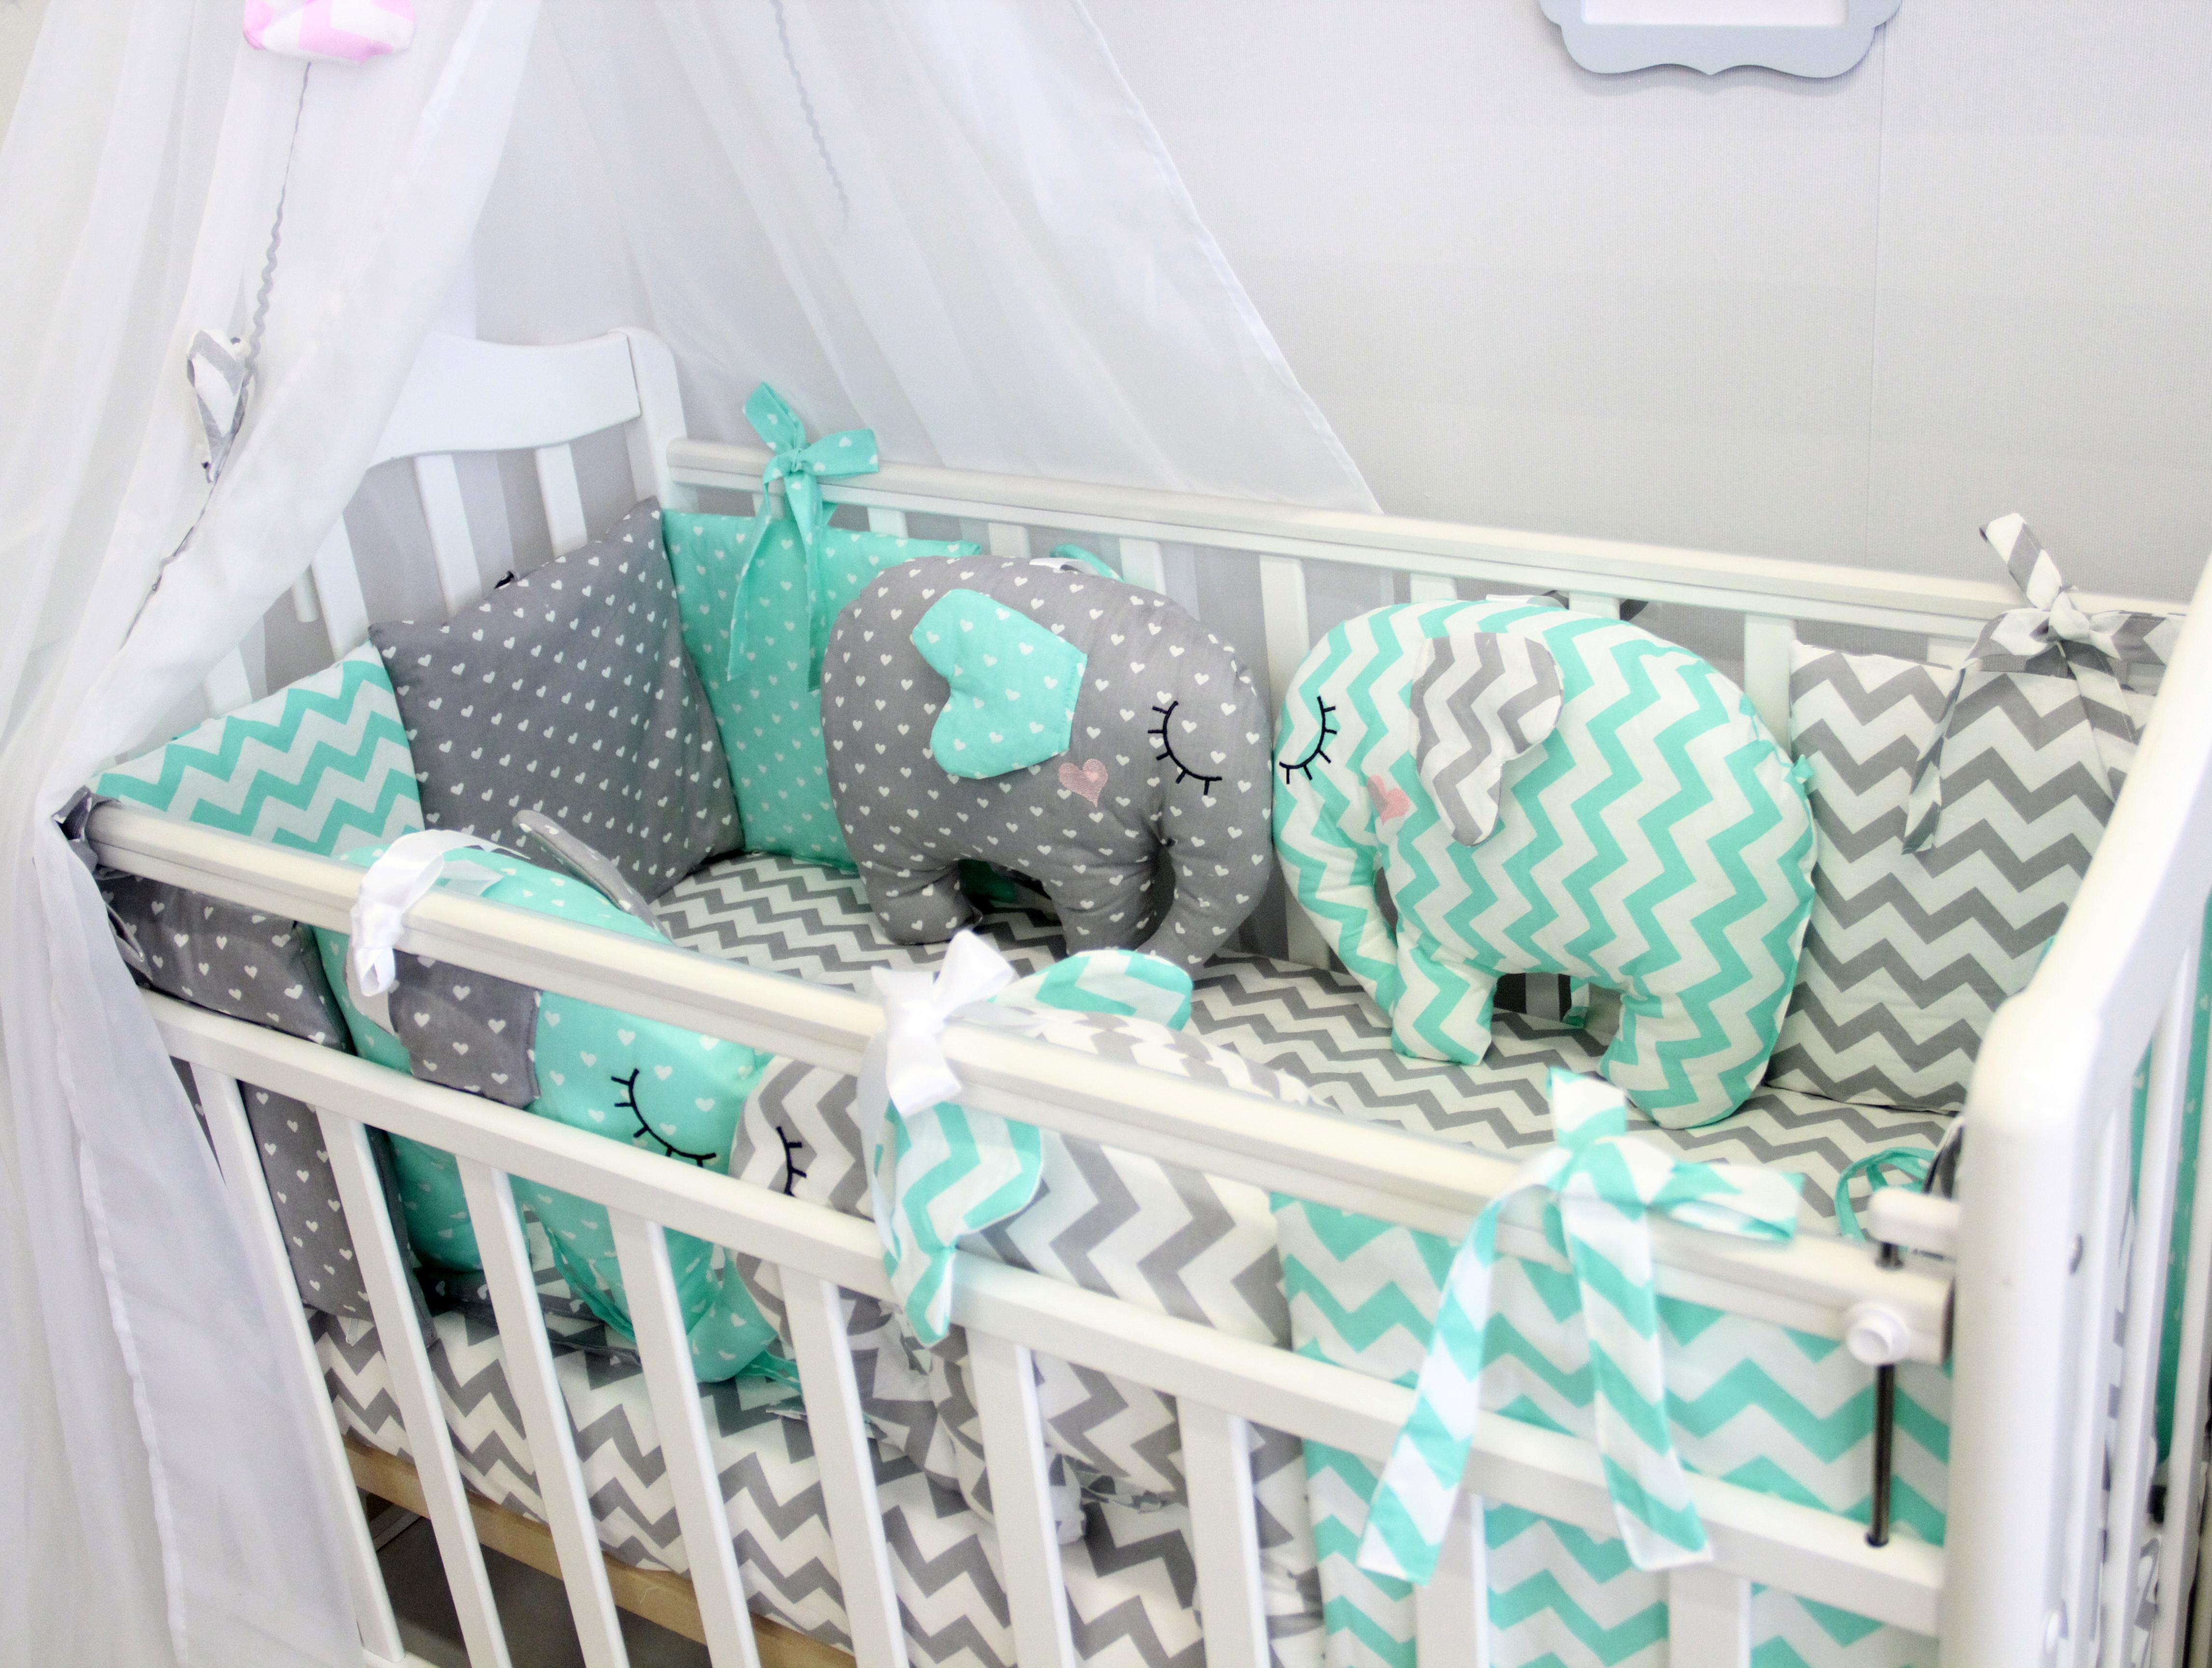 Постельные принадлежности By Twinz Комплект в круглую/классическую кроватку By Twinz «Слоники» с игрушками мятный 7 пр. mercury постельные принадлежности набор 4 штуки простыня с набивной чехол на одеяло 100